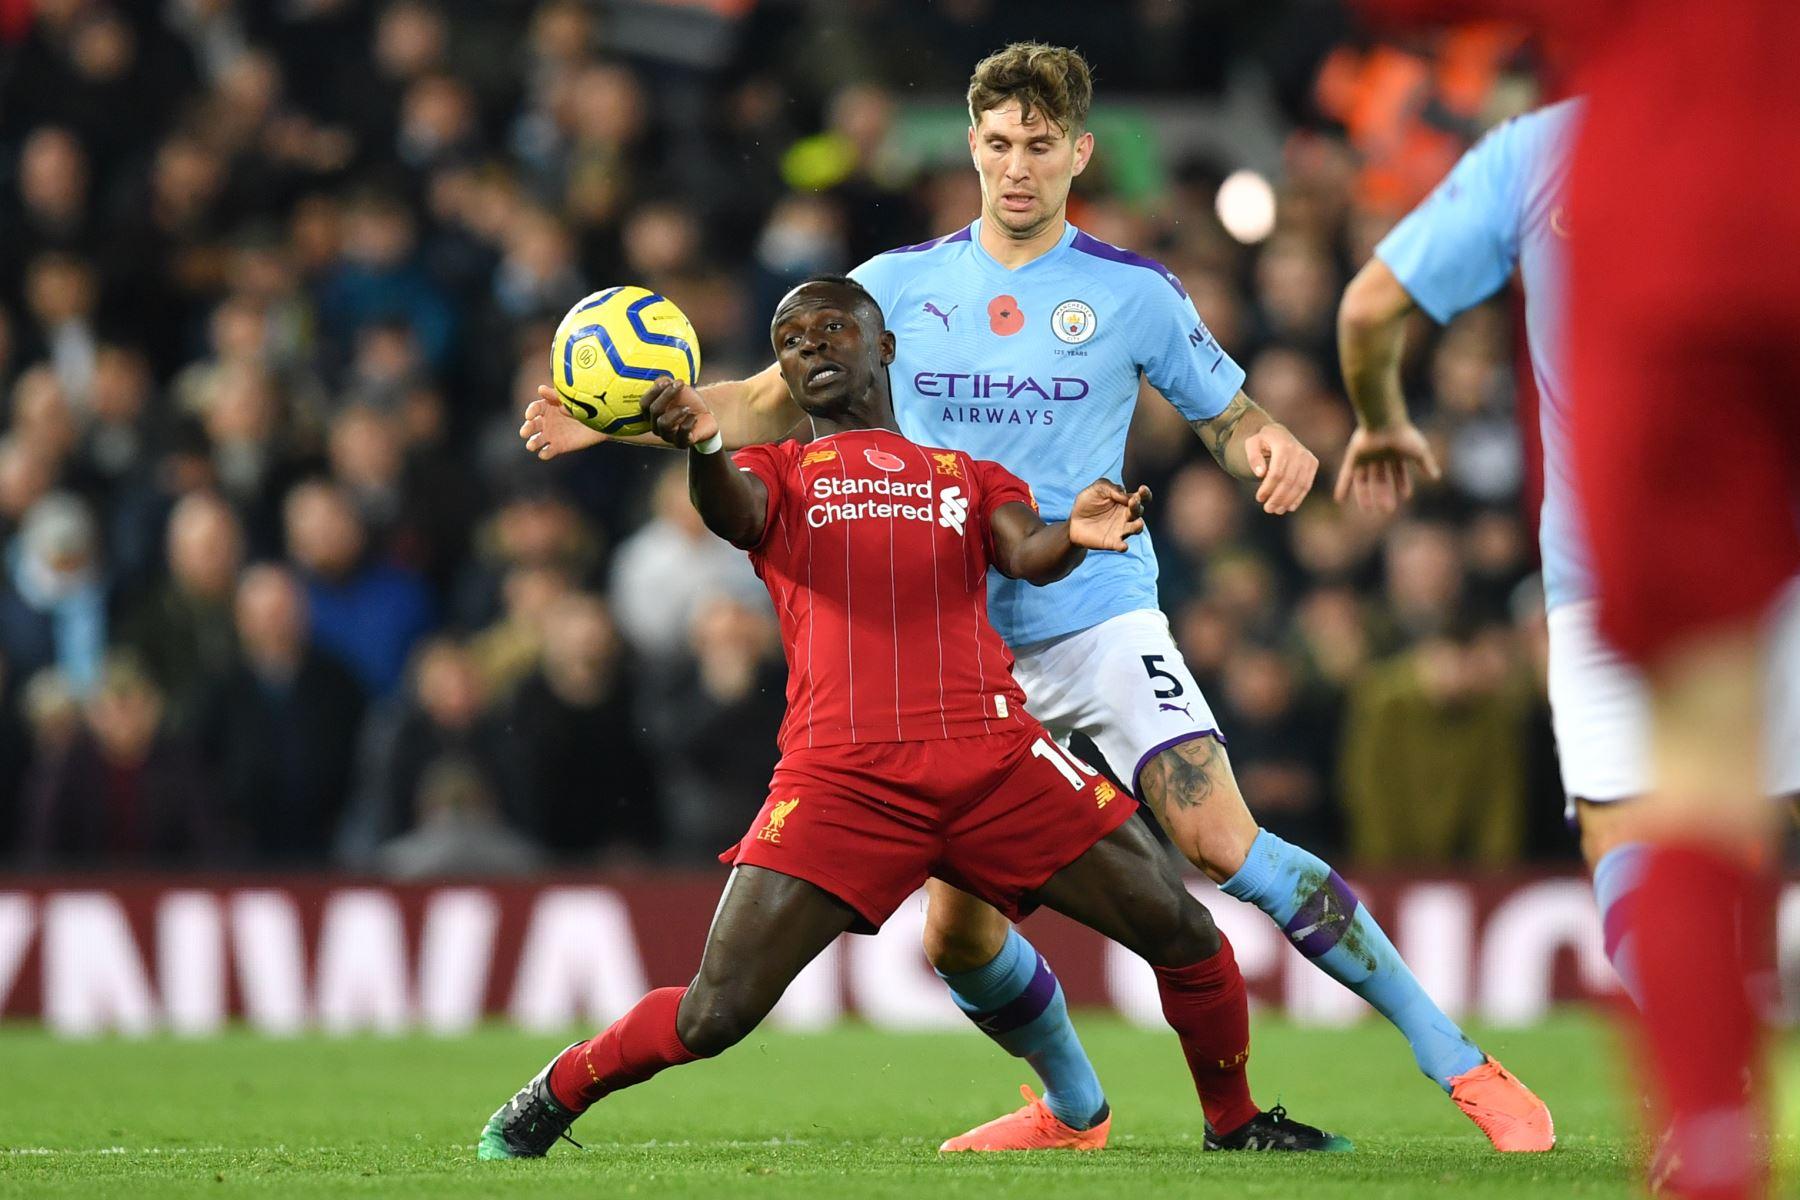 El delantero senegalés del Liverpool Sadio Mane  compite con el defensor inglés del Manchester City John Stones durante el partido de fútbol de la Premier League inglesa entre Liverpool y Manchester City. Foto: AFP